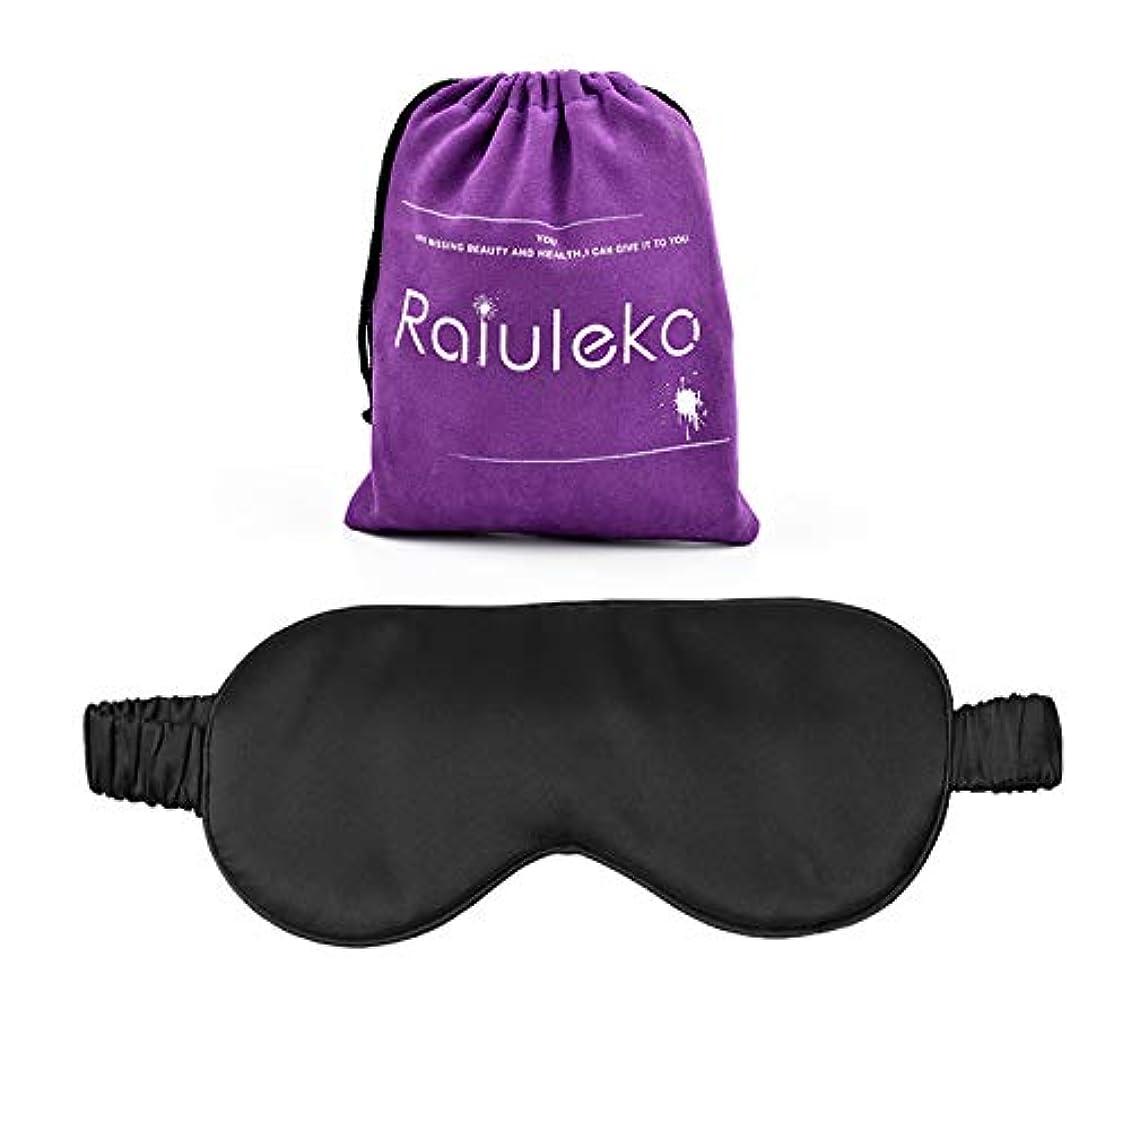 待つエスカレートスープNOTE ナチュラルピュアシルクソフトスリープマスク目隠しシェードアイカバーポータブルアイパッチ用旅行睡眠オフィス用休息調節可能な包帯